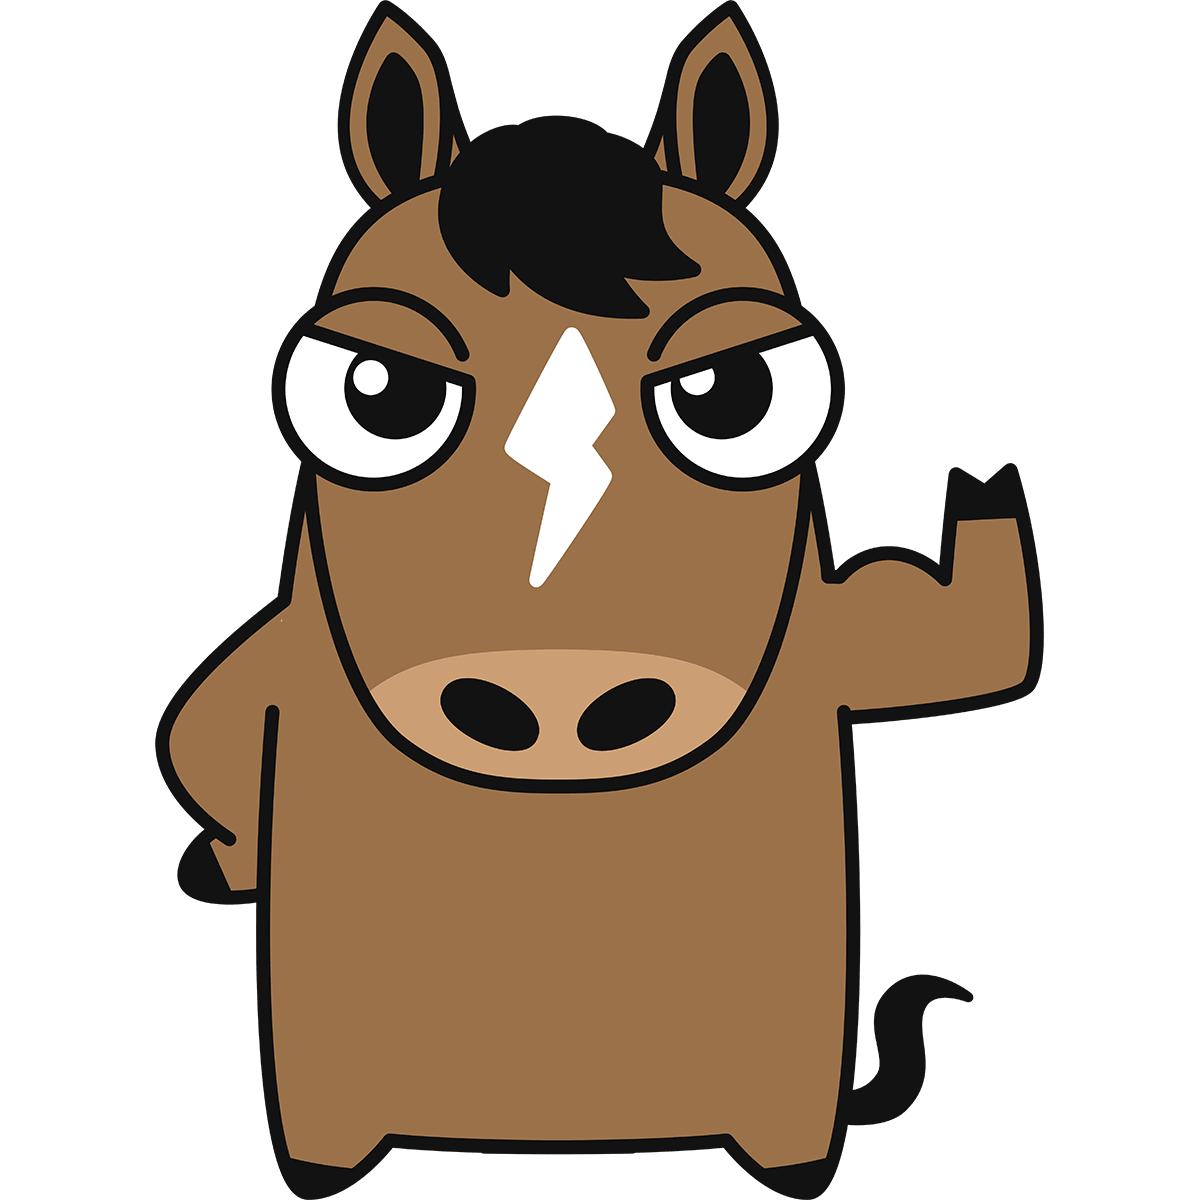 馬(ダービーくん)の無料イラスト